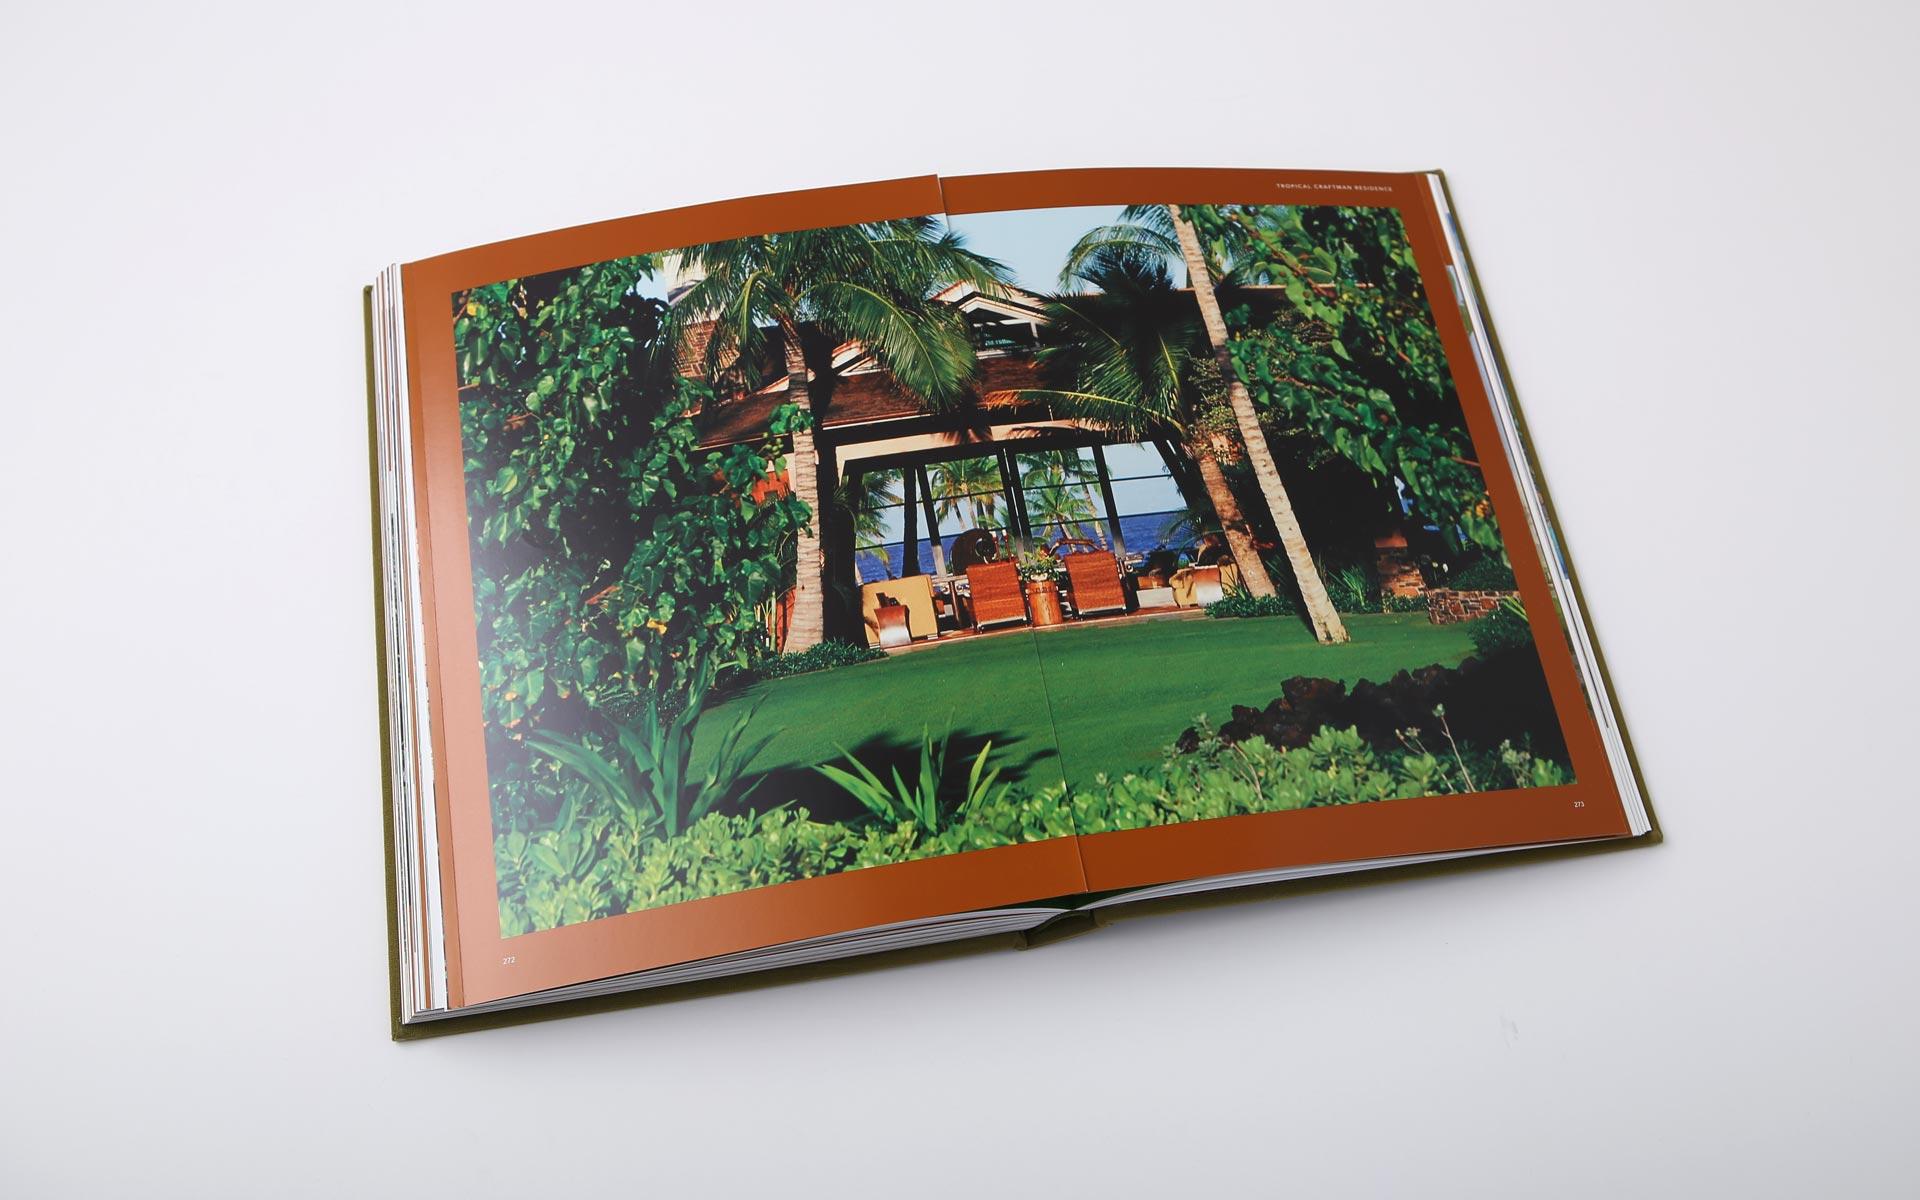 tropical-architecture-book-design-7